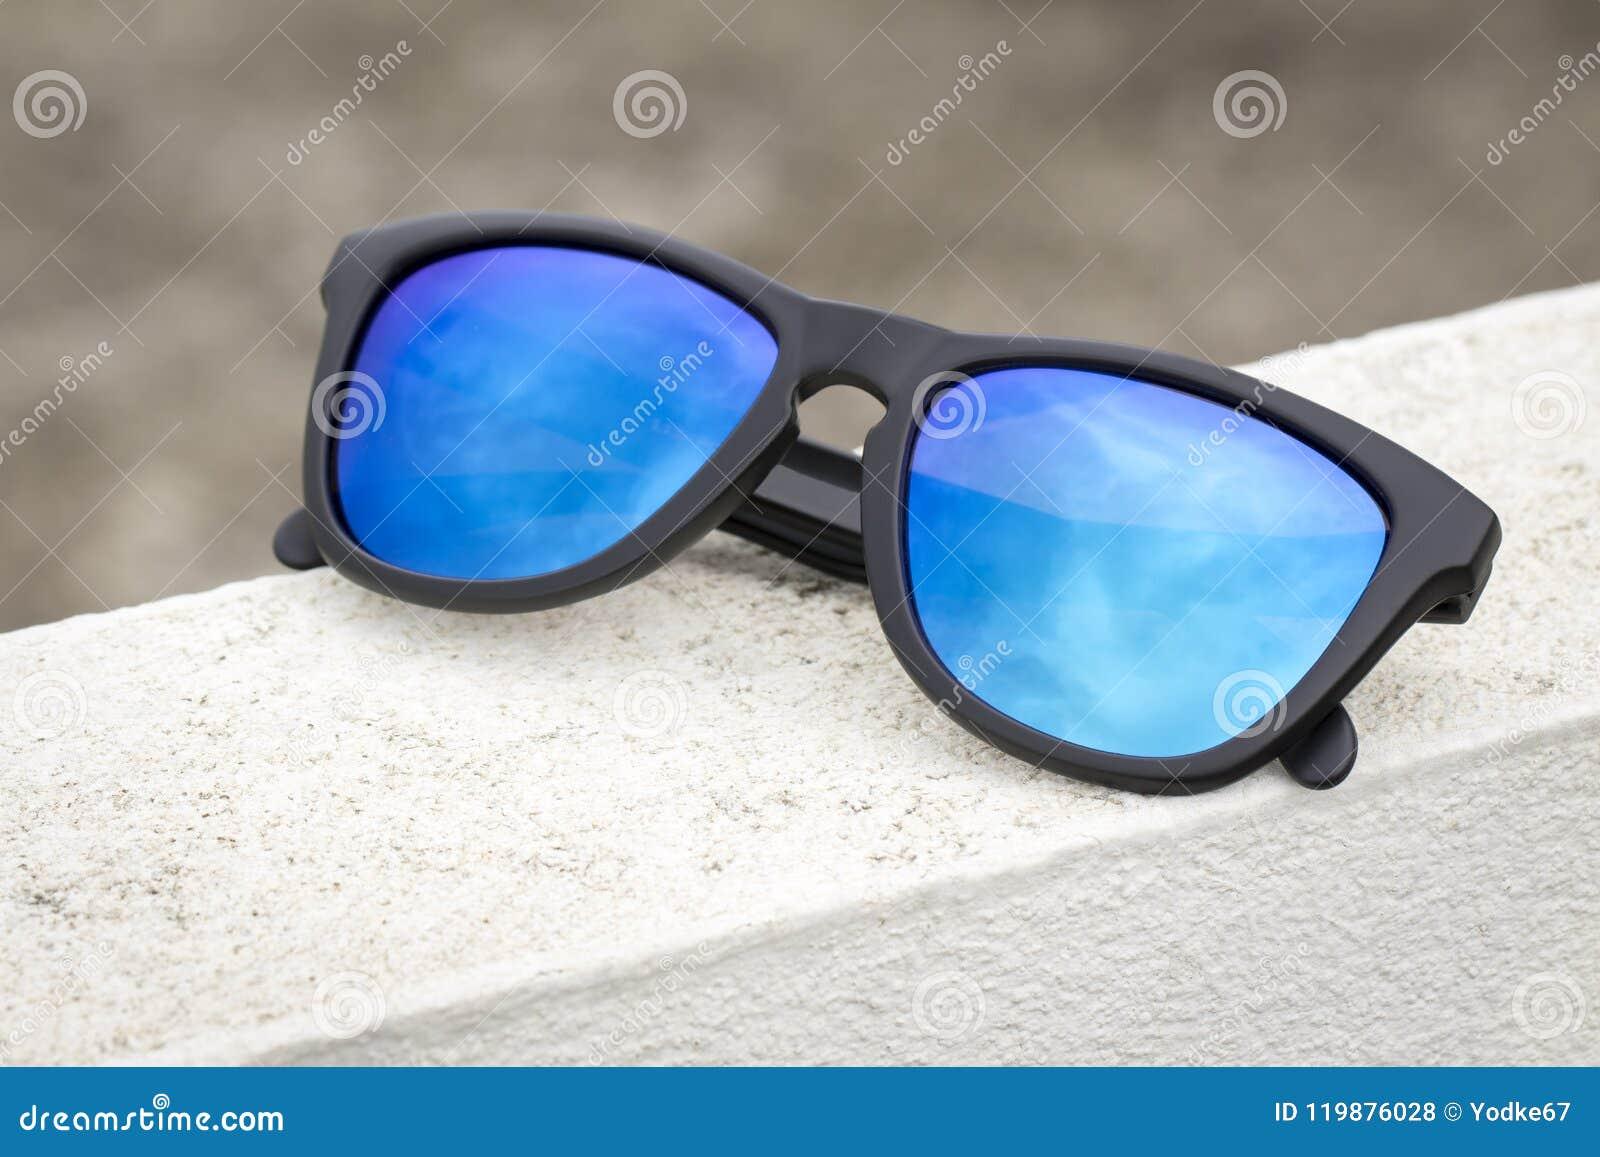 36c7661a16f2e Imagem De óculos De Sol Elegantes Modernos No Assoalho Branco Foto ...